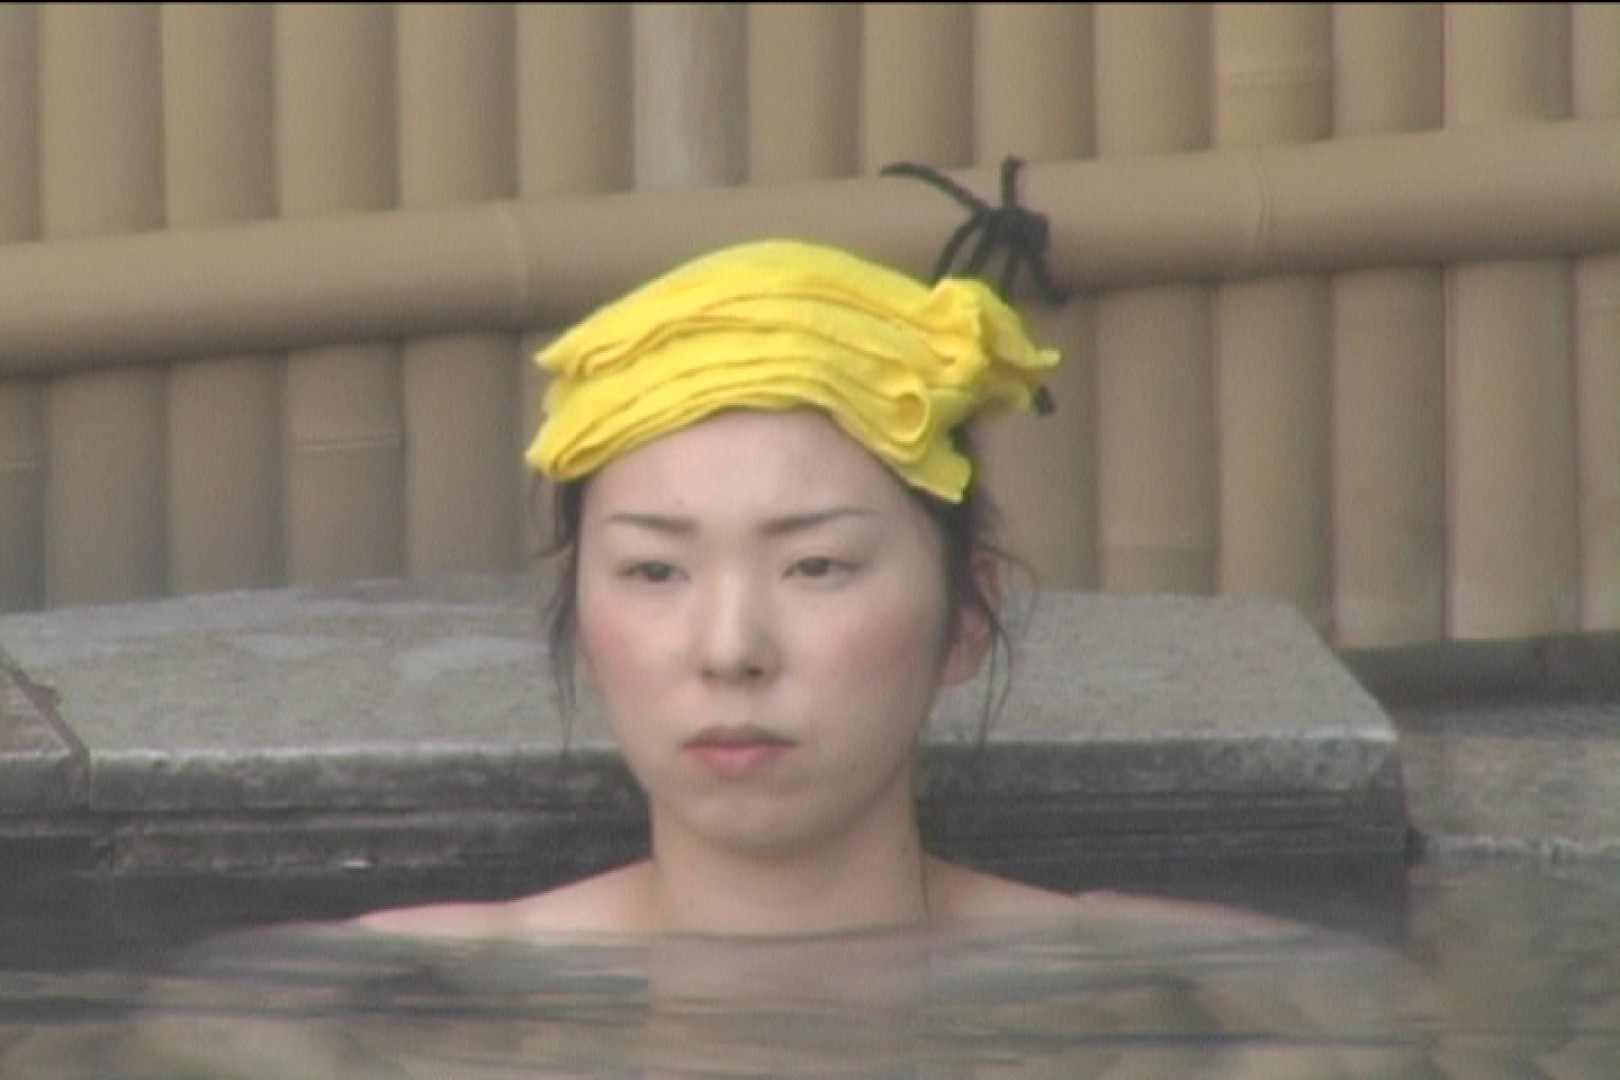 Aquaな露天風呂Vol.529 盗撮シリーズ  106PIX 50